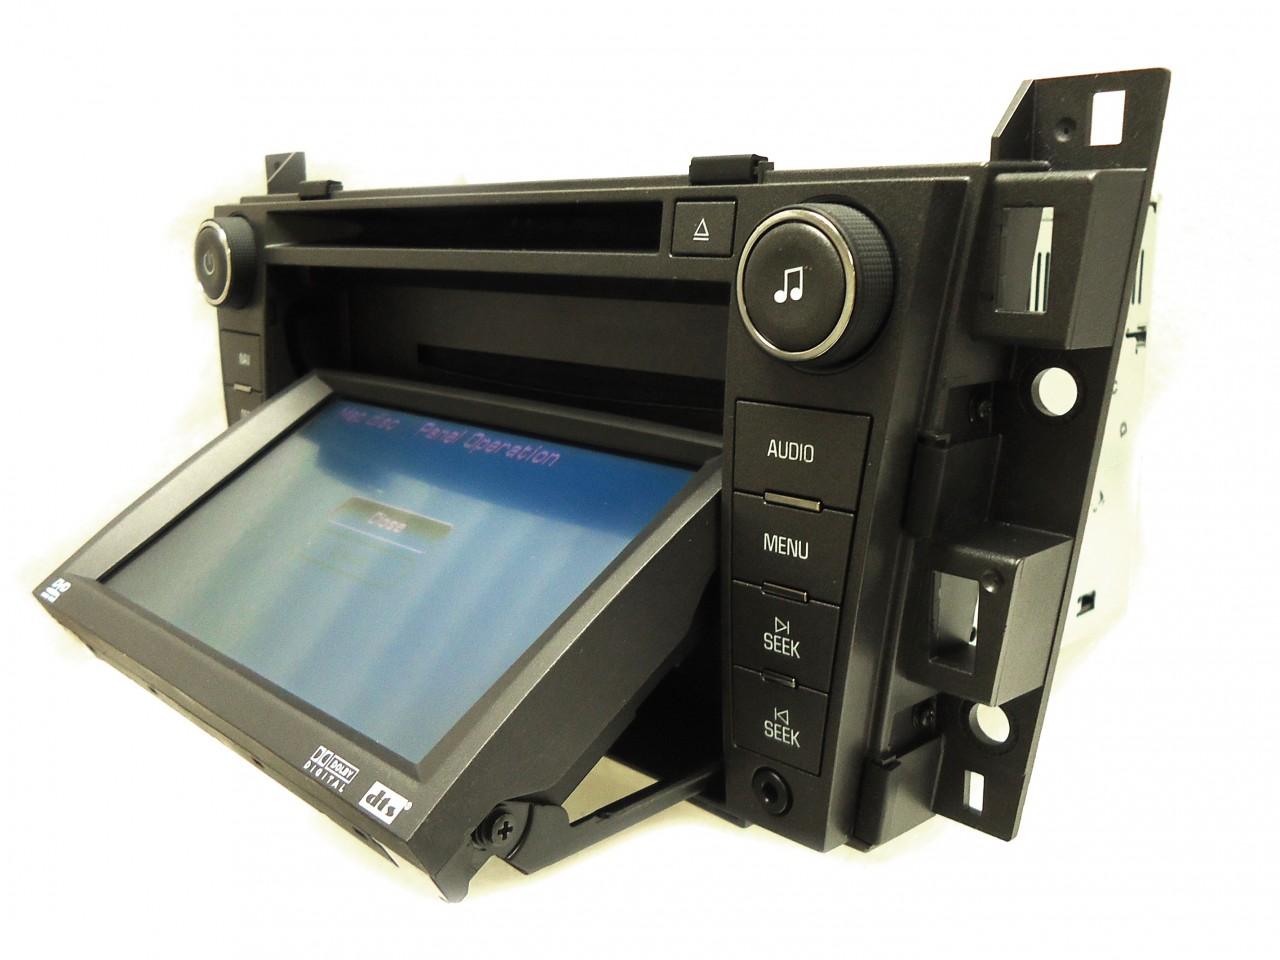 07 Cadillac DTS Bose GPS Navigation Nav Radio Stereo DVD CD Player